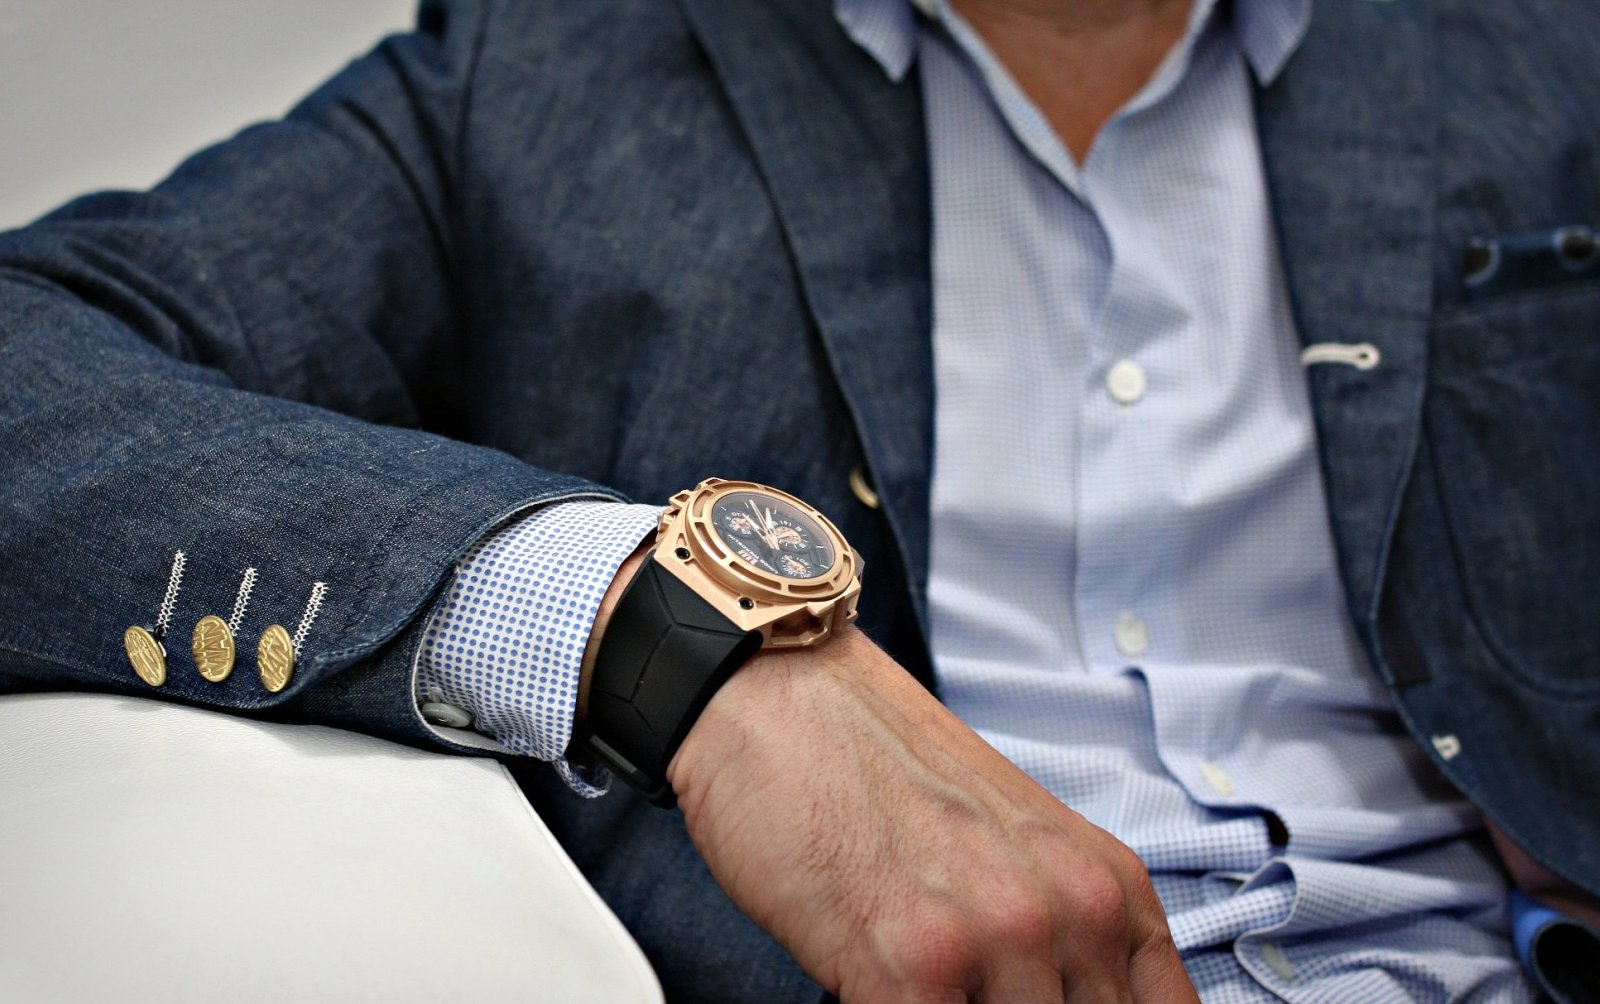 Montre de luxe j 39 ai enfin achet le mod le de montre pour homme qui me correspond - Montre de luxe homme ...